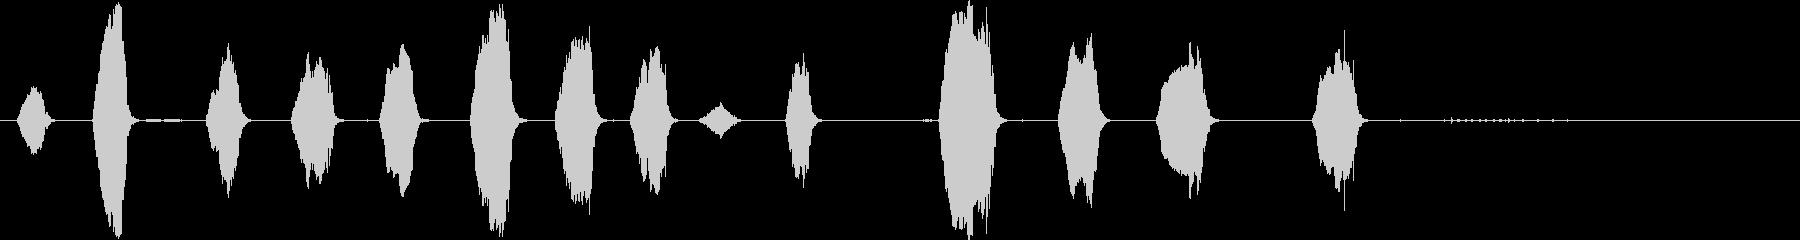 コンゴウインコの呼び出し。多くの短...の未再生の波形